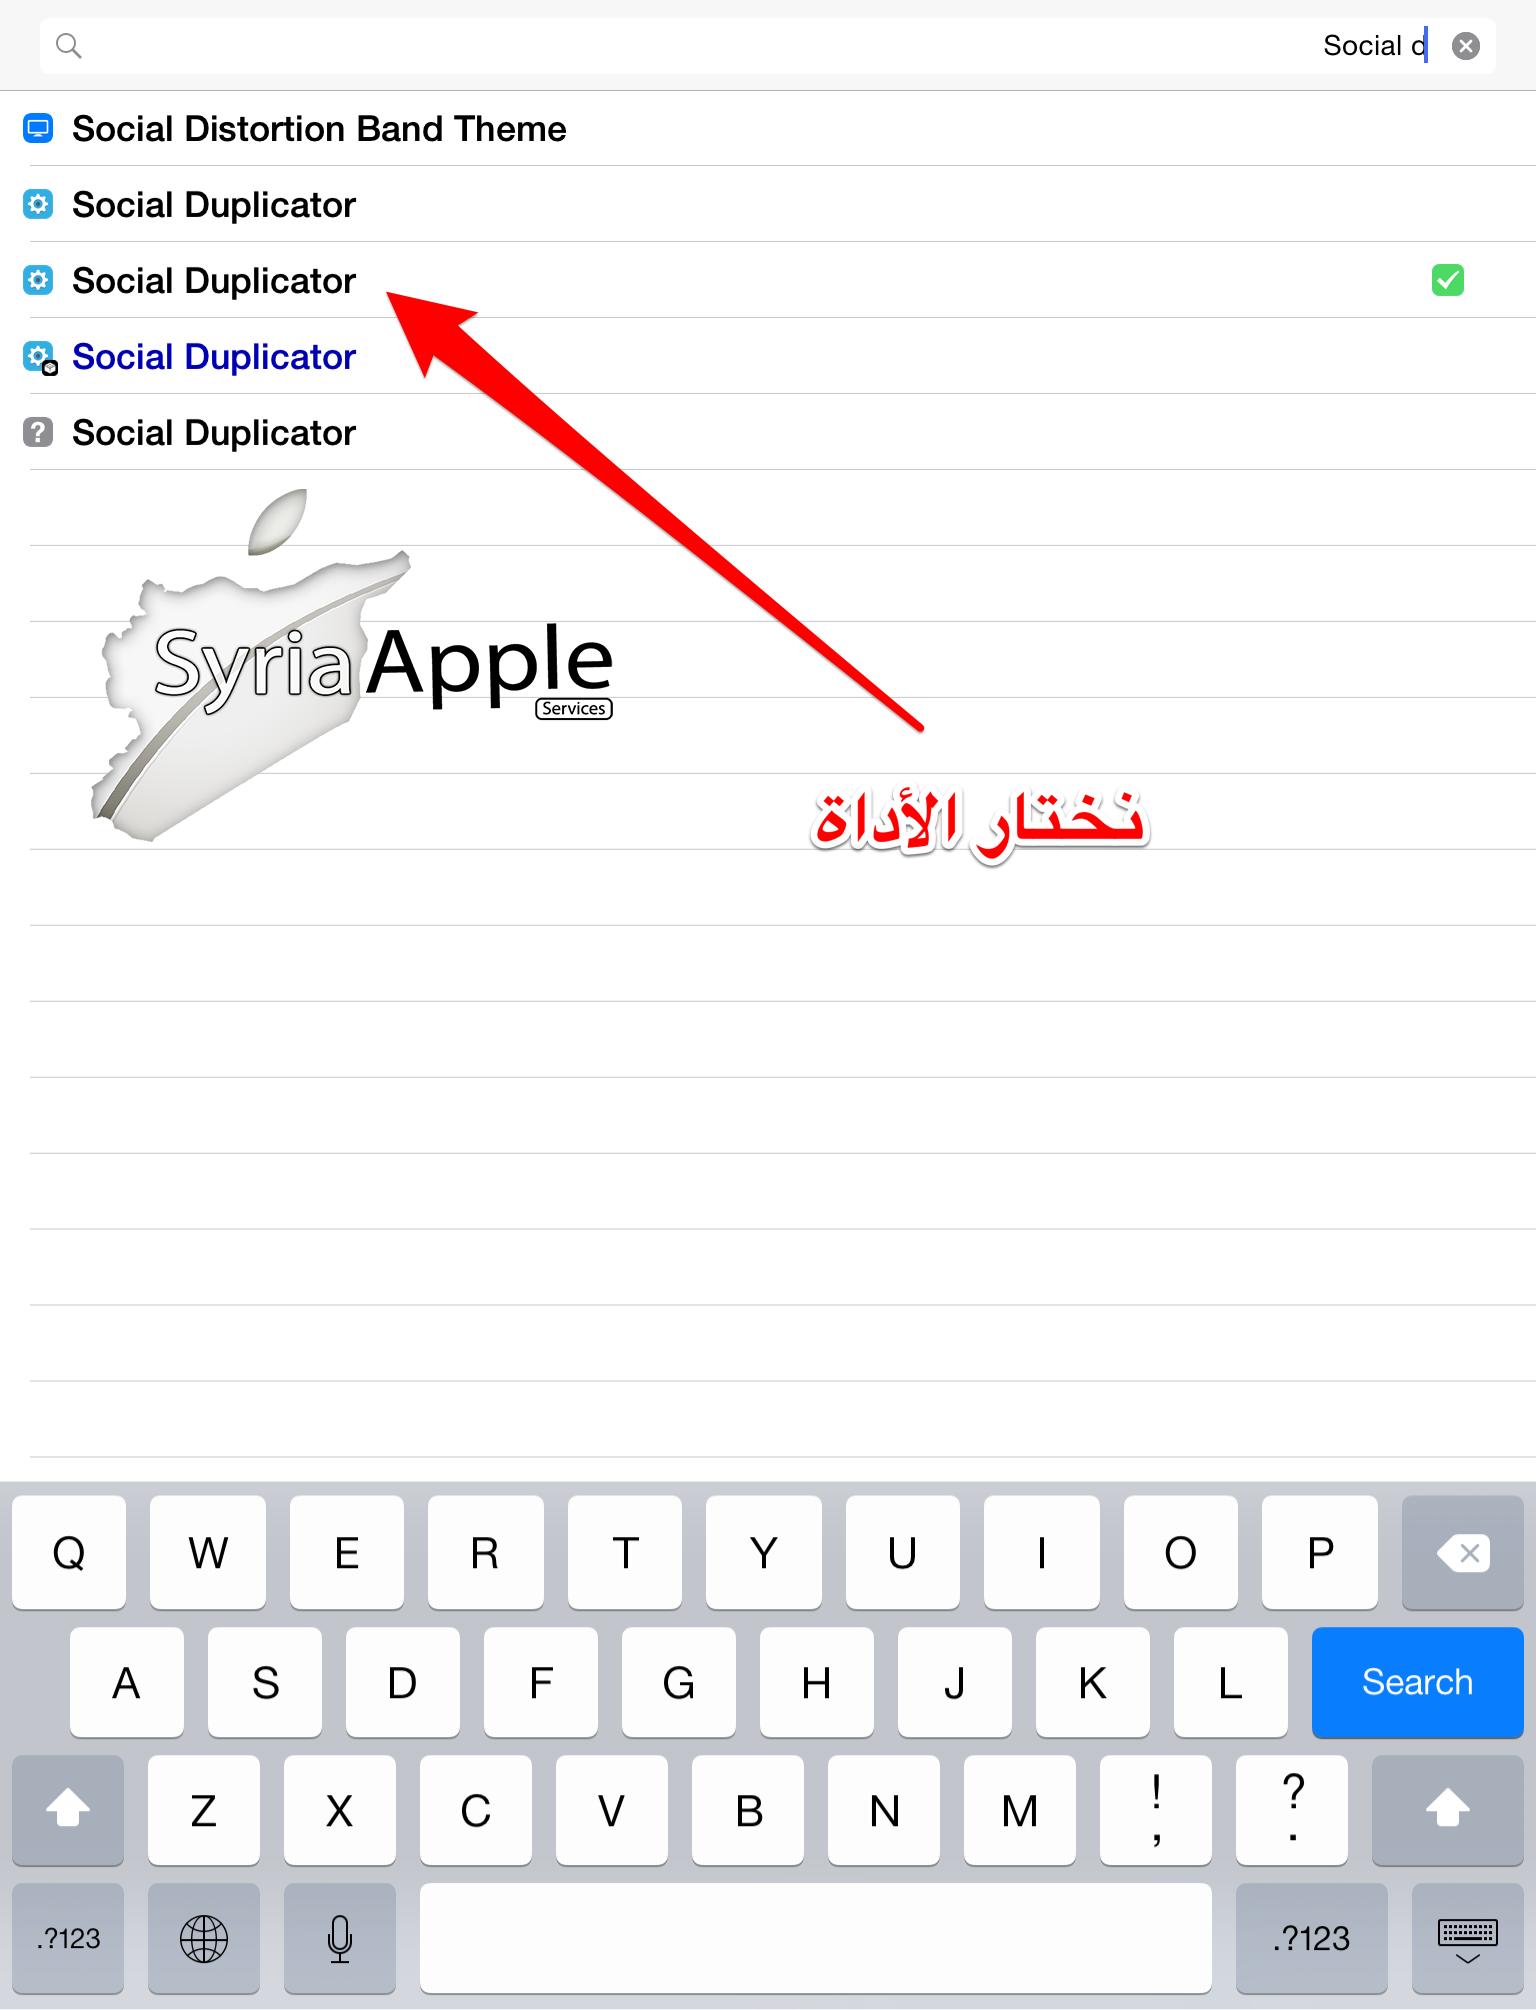 تكرار التطبيقات بأداة Social DuplicatorSyria Apple-تفاحة